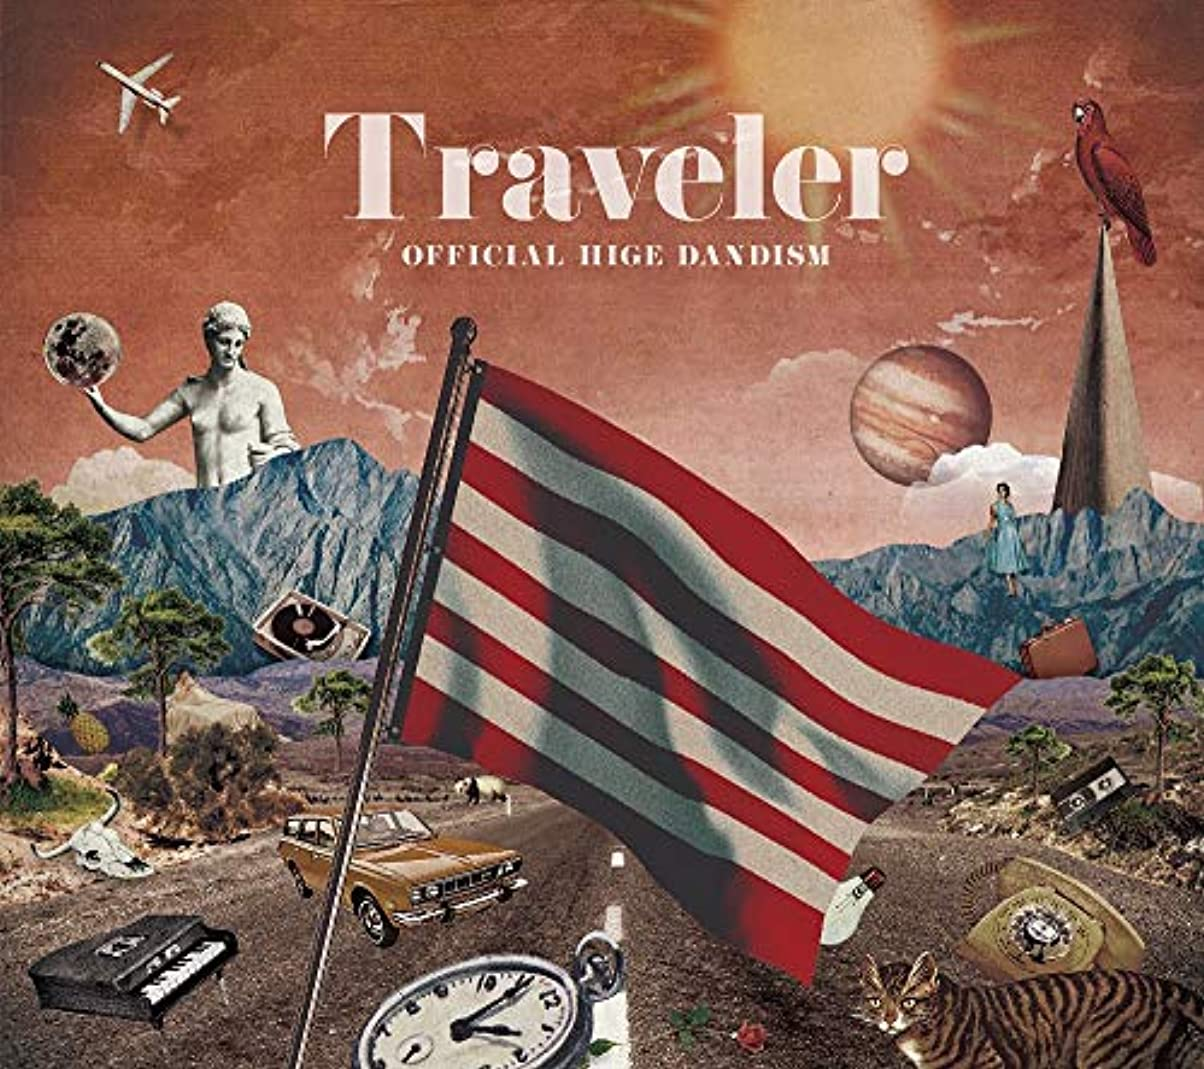 ナインへオーク裏切るTraveler (初回限定LIVE Blu-ray盤)